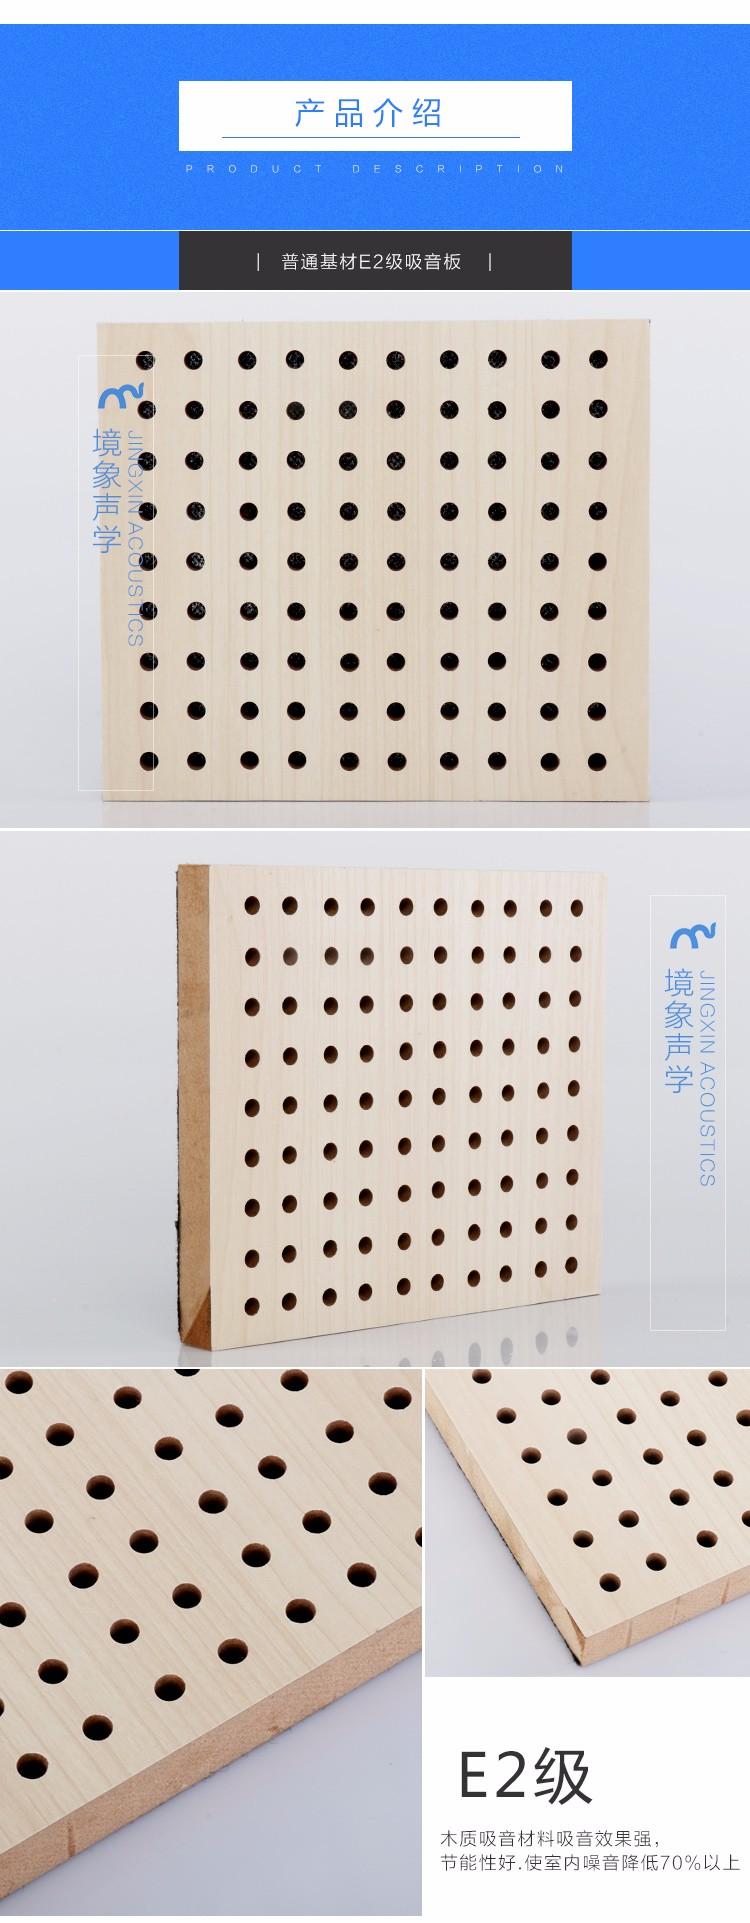 孔木多系列详情_07.jpg